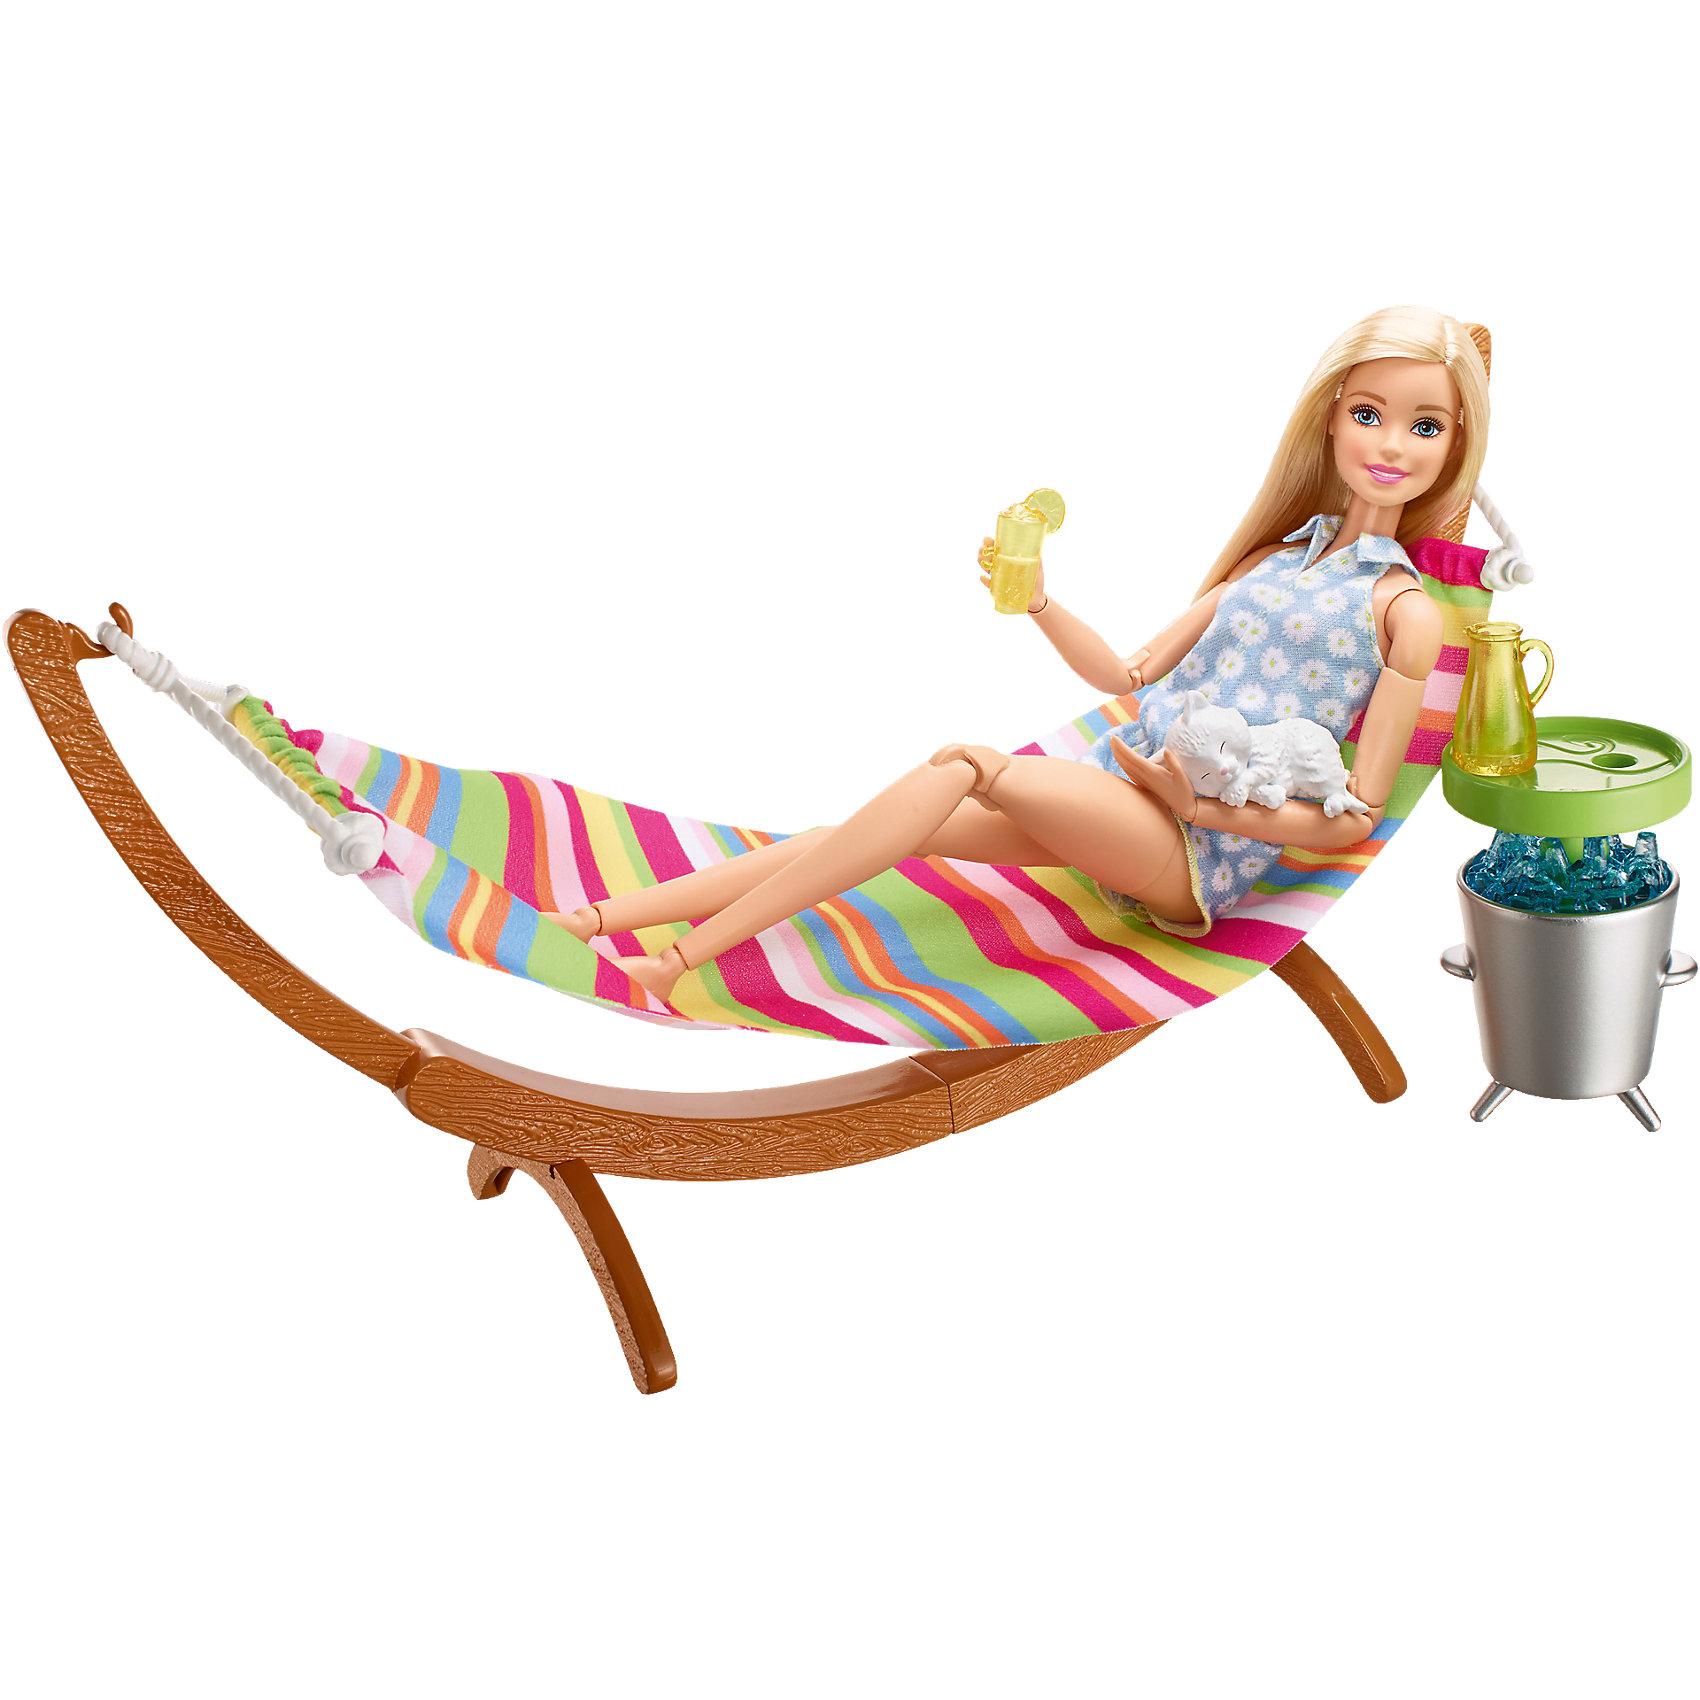 Набор мебели Гамак и стол из серии Отдых на природе, BarbieДомики и мебель<br>Характеристики товара:<br><br>• комплектация: гамак, стол с посудой, питомец<br>• материал: пластик, текстиль<br>• серия: Barbie™ Отдых на природе<br>• кукла продается отдельно<br>• упаковка: блистер<br>• возраст: от трех лет<br>• страна производства: Китай<br>• страна бренда: США<br><br>Этот симпатичный набор мебели поможет разнообразить игры с любимой куклой! В него входят вещи для организации кукле комфортного отдыха на природе в компании с любимым питомцем. Этот комплект мебели станет великолепным подарком для девочек!<br><br>Куклы - это не только весело, они помогают девочкам развить вкус и чувство стиля, отработать сценарии поведения в обществе, развить воображение и мелкую моторику. Кукла Barbie от бренда Mattel не перестает быть популярной! <br><br>Набор мебели Гамак и стол из серии Отдых на природе от компании Mattel можно купить в нашем интернет-магазине.<br><br>Ширина мм: 270<br>Глубина мм: 192<br>Высота мм: 88<br>Вес г: 209<br>Возраст от месяцев: 36<br>Возраст до месяцев: 72<br>Пол: Женский<br>Возраст: Детский<br>SKU: 5257112